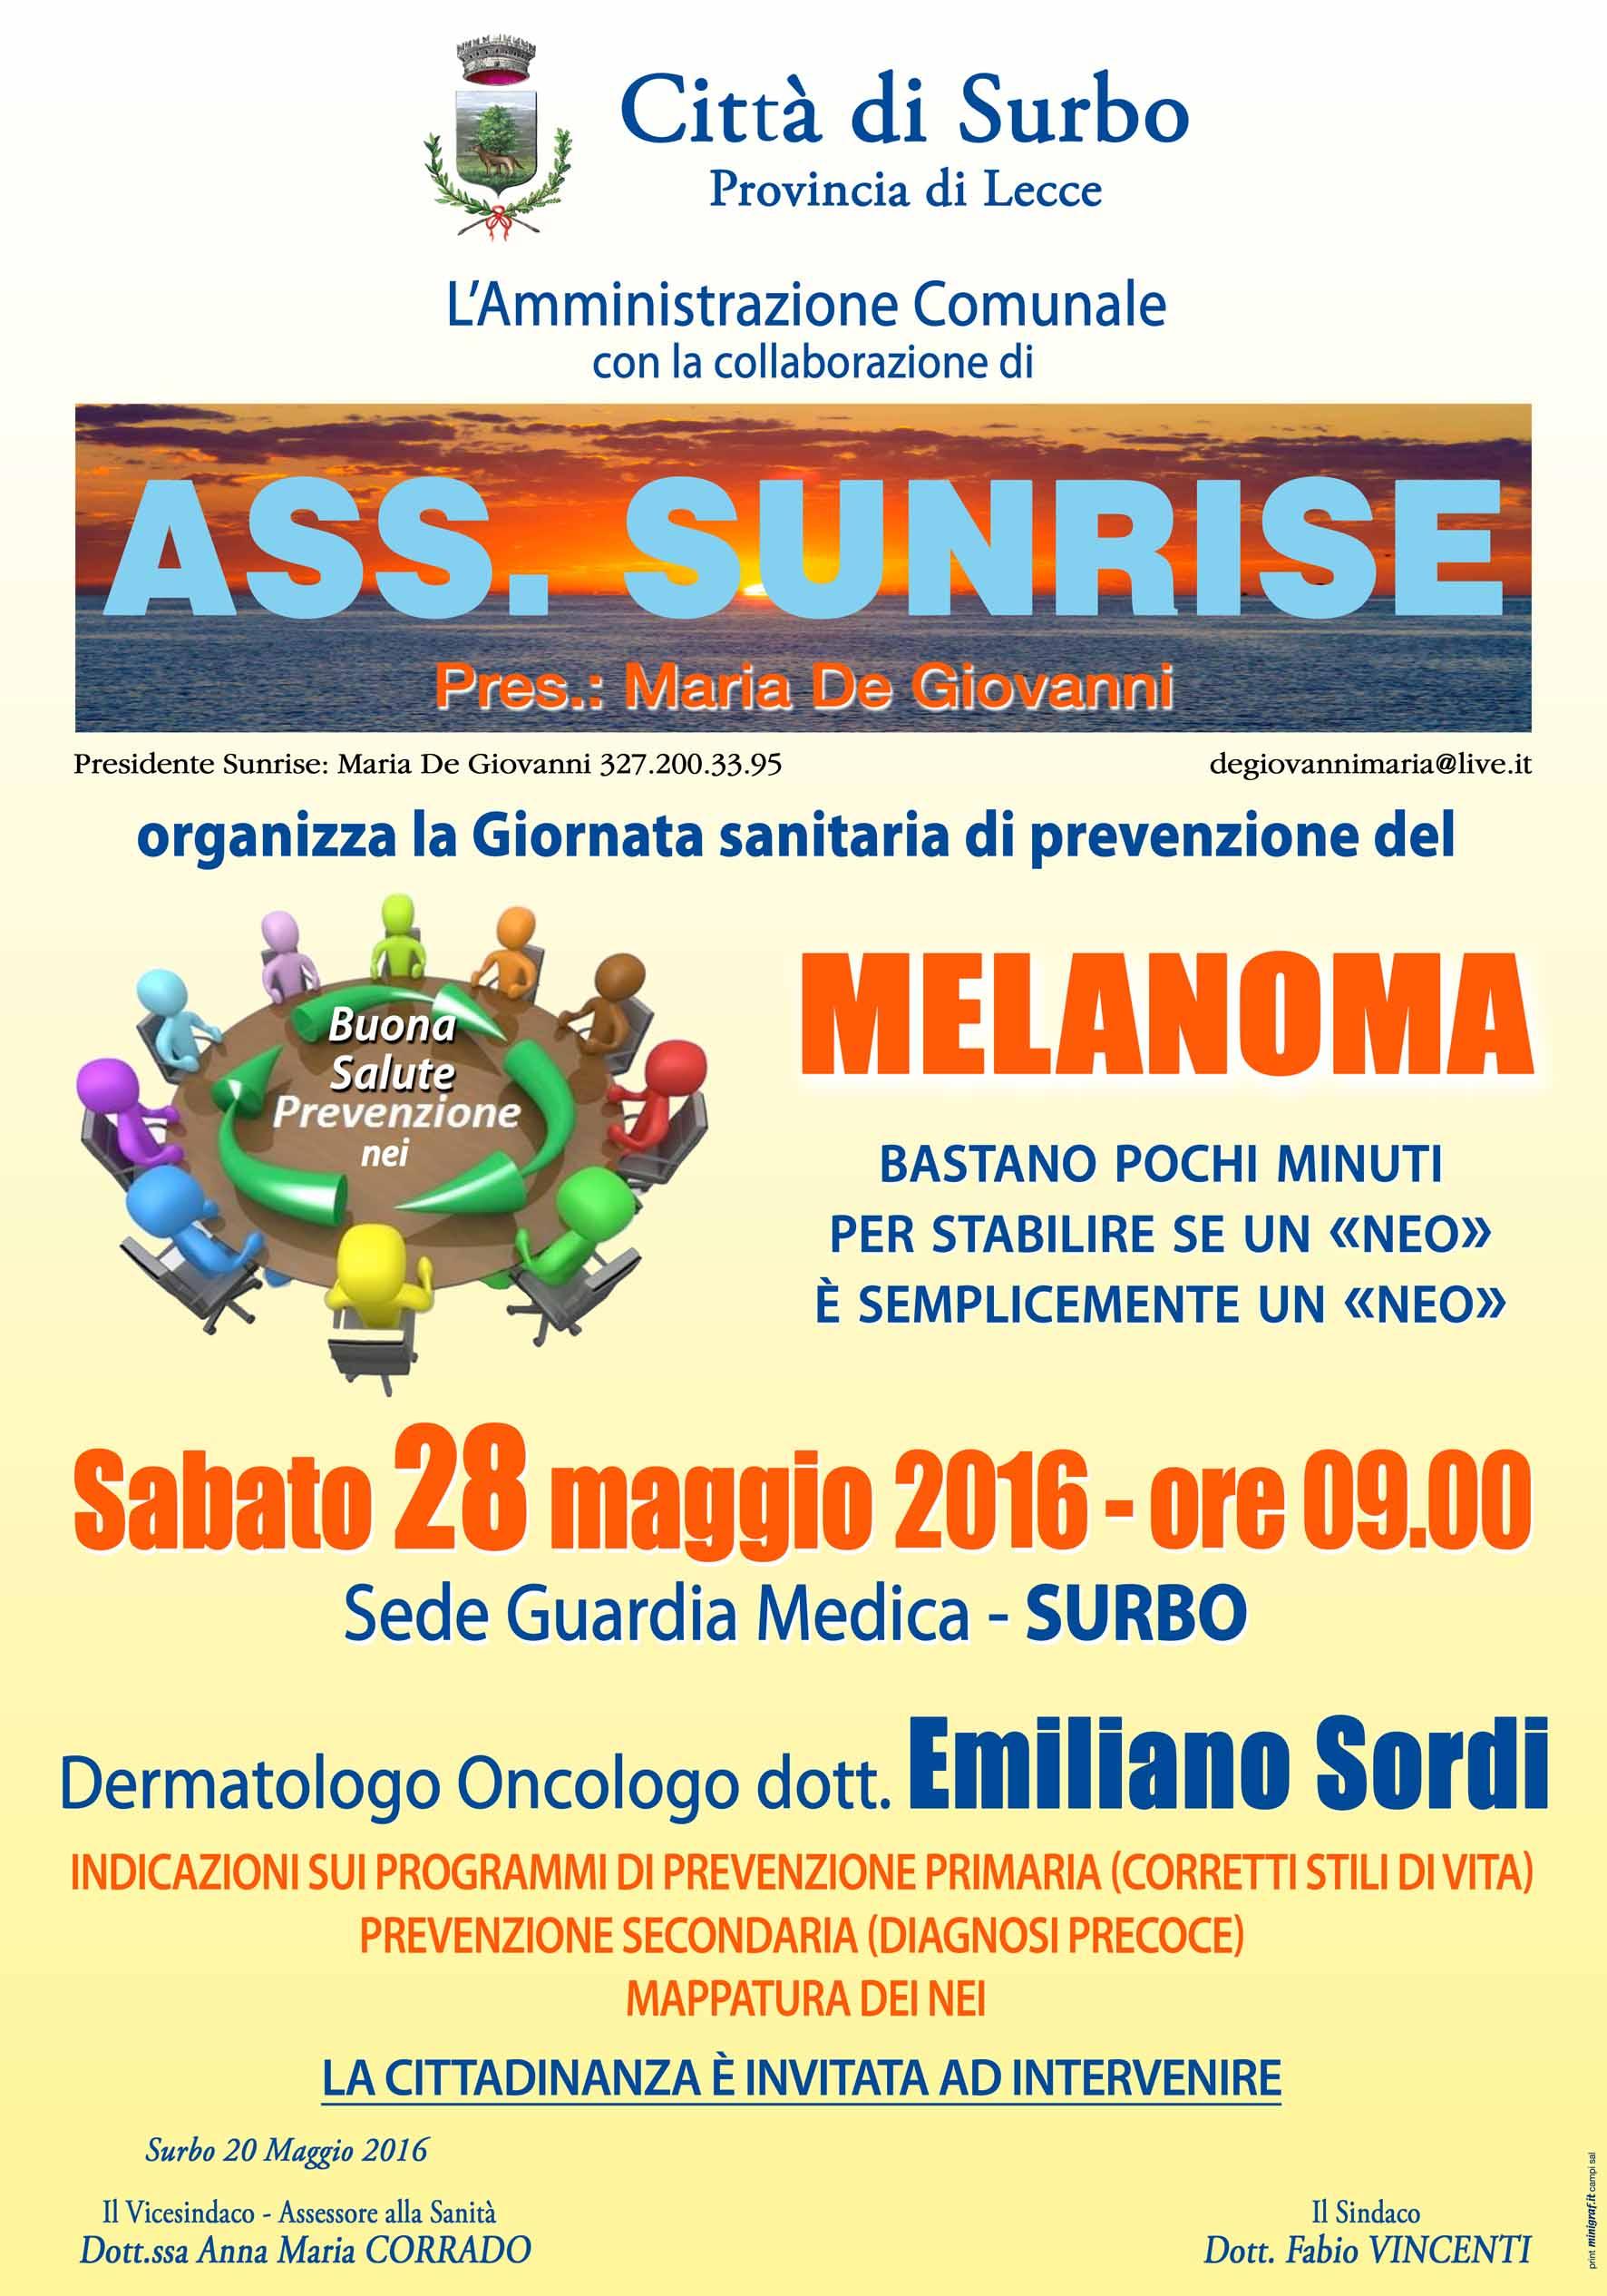 Tornano gli appuntamenti di prevenzione sanitaria Sunrise, il 28 maggio a Surbo